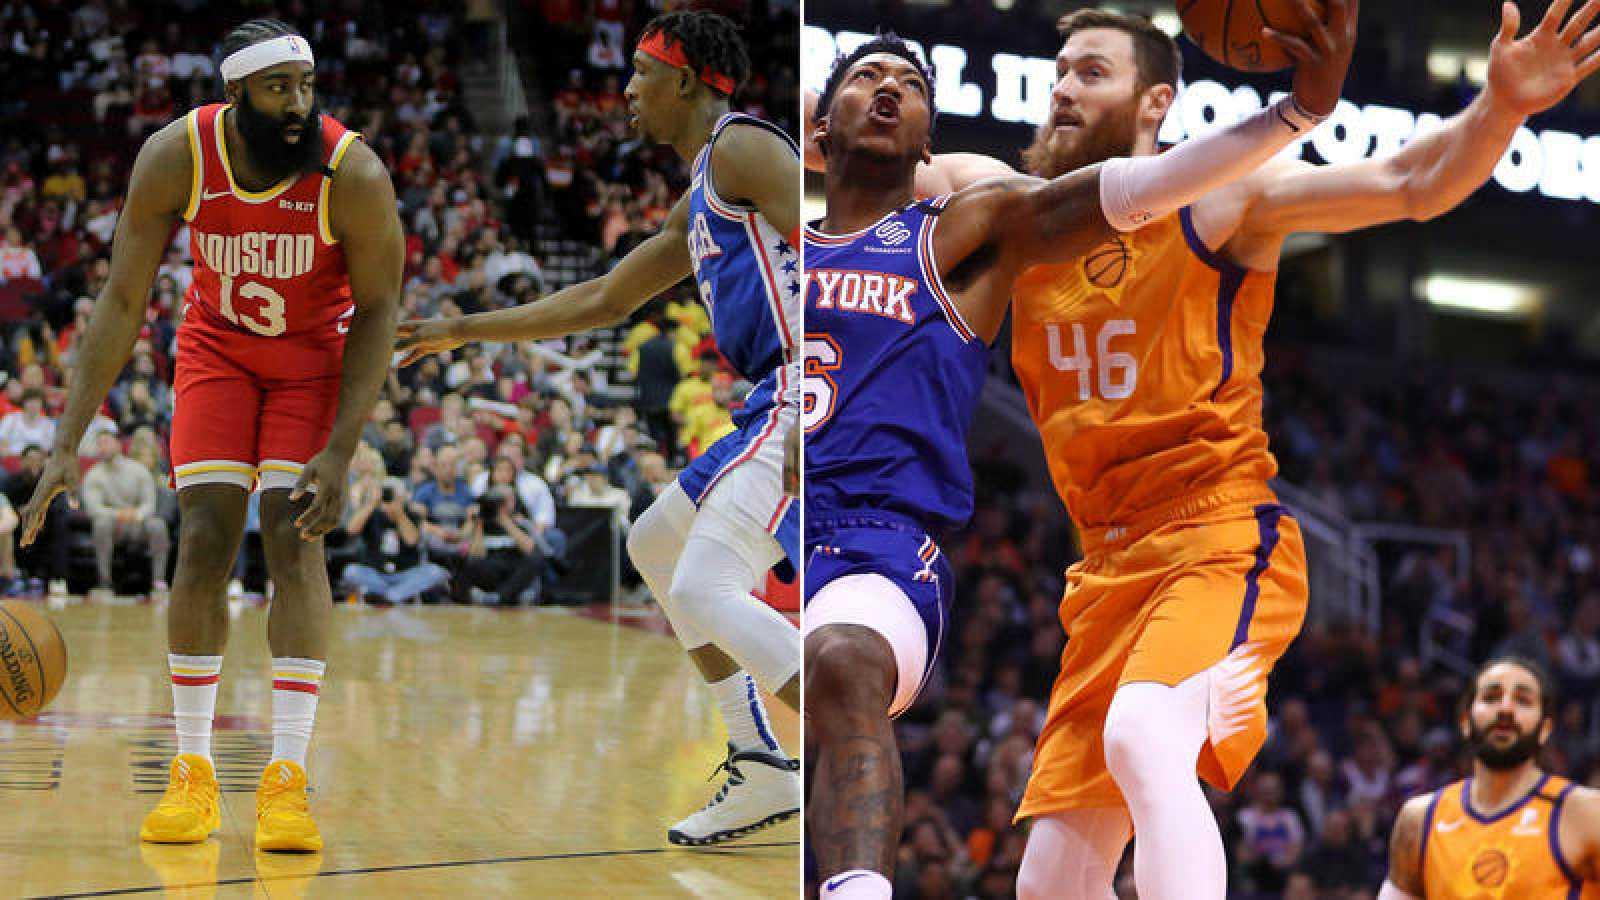 Fotomontaje de dos lances de sendos partidos de la NBA. A la izquierda, Harden (Rockets) ante la defensa de Richardson (Sixers); a la derecha, un lance del encuentro entre los Suns y los Knicks, con Ricky Rubio al fondo.